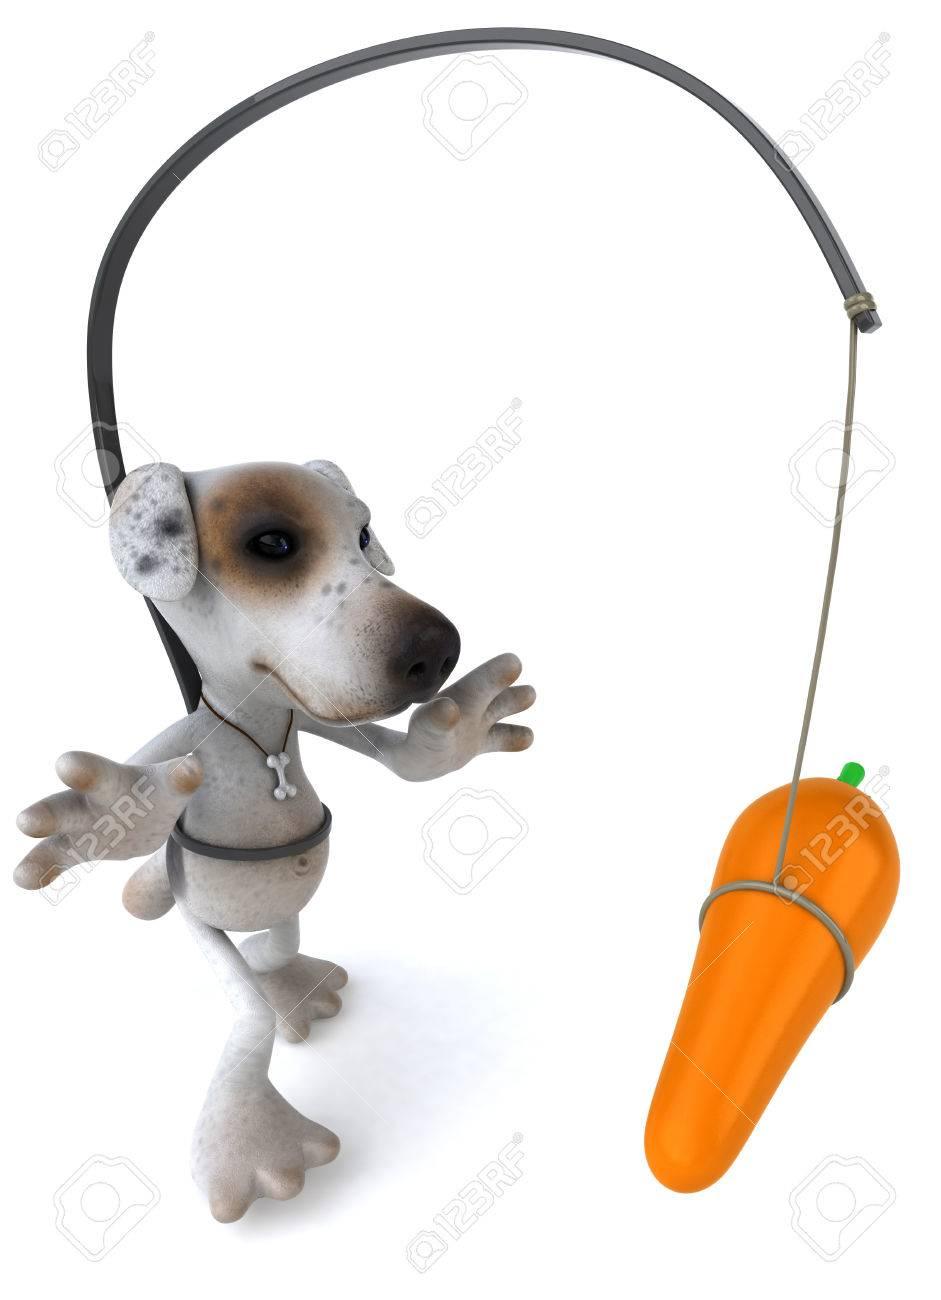 飴と鞭のコンセプト漫画の犬 ロ...